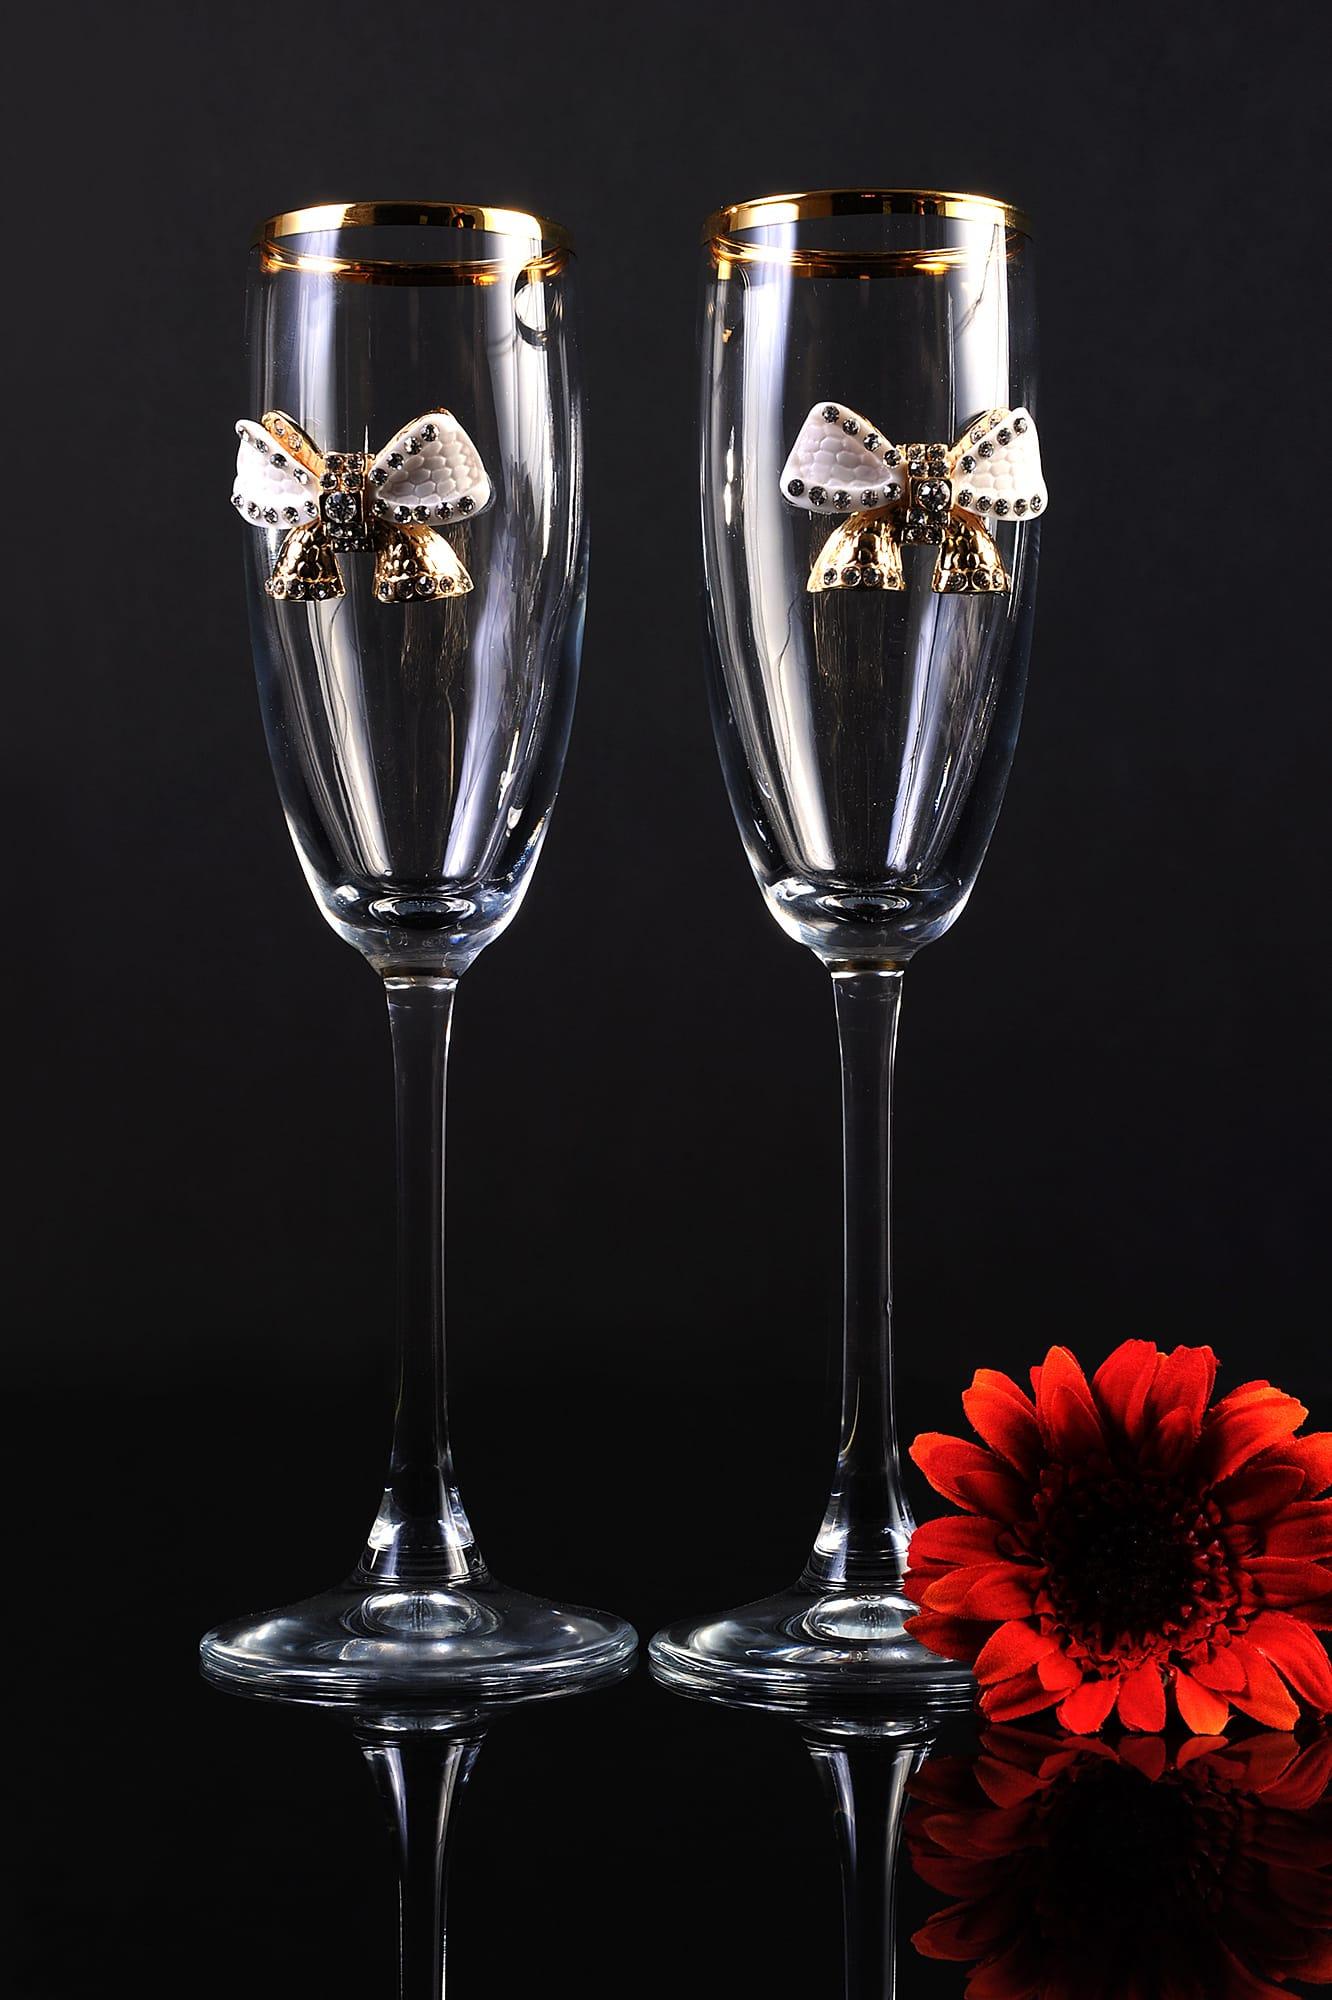 Прозрачные свадебные фужеры, украшенные объемными бантиками и золотом по верху.